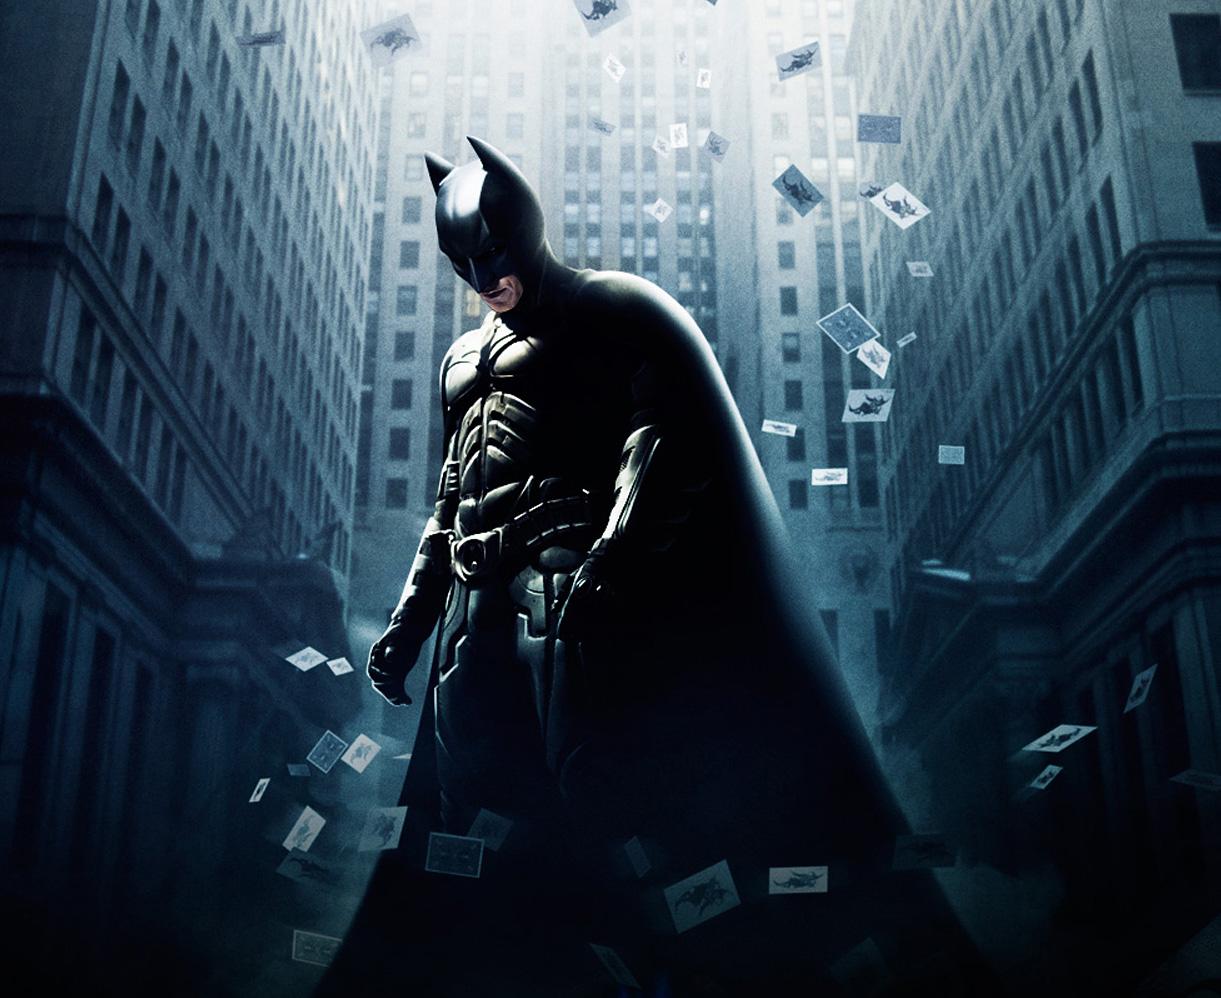 будет ли продолжение бэтмена: